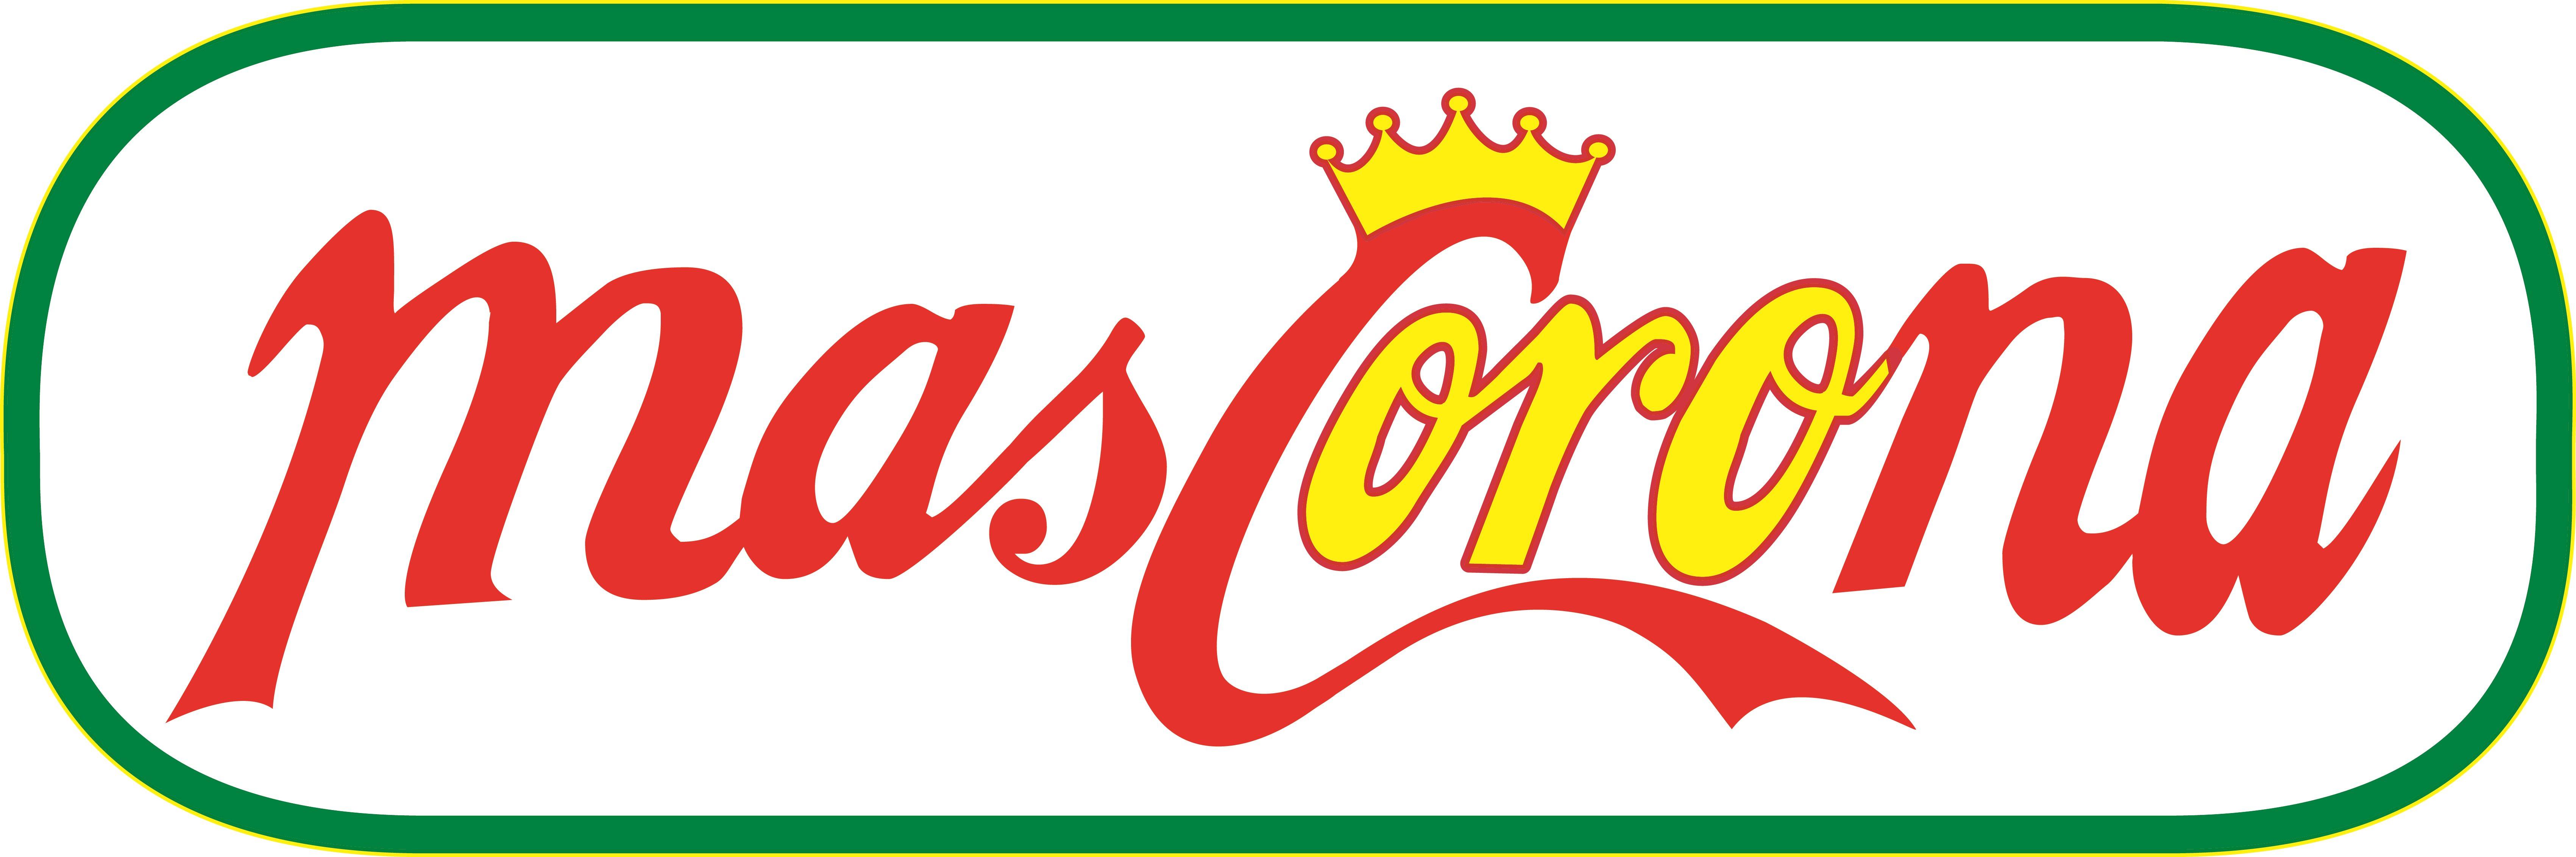 MASCORONA